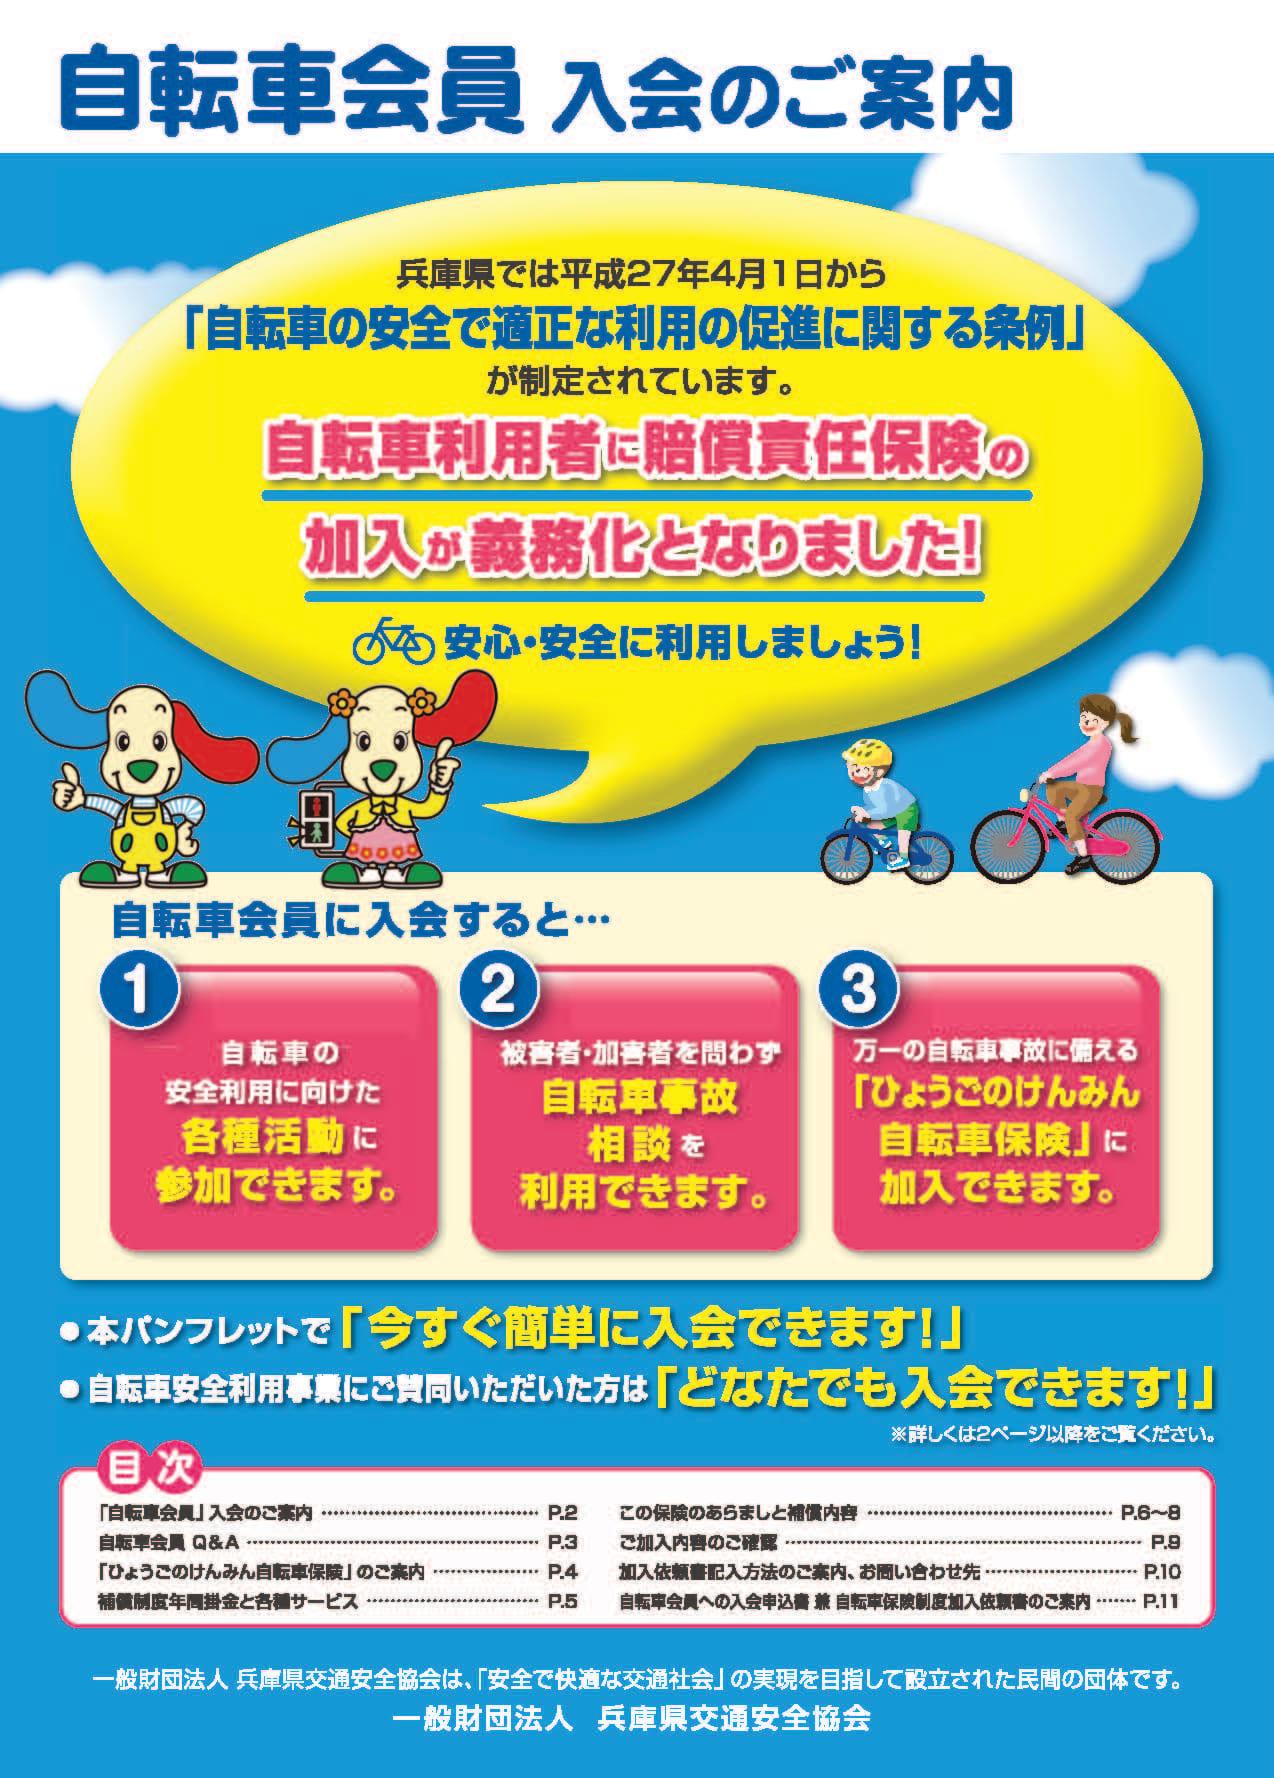 自転車の 兵庫 自転車 保険 義務化 : 自転車保険義務化/兵庫県条令 ...